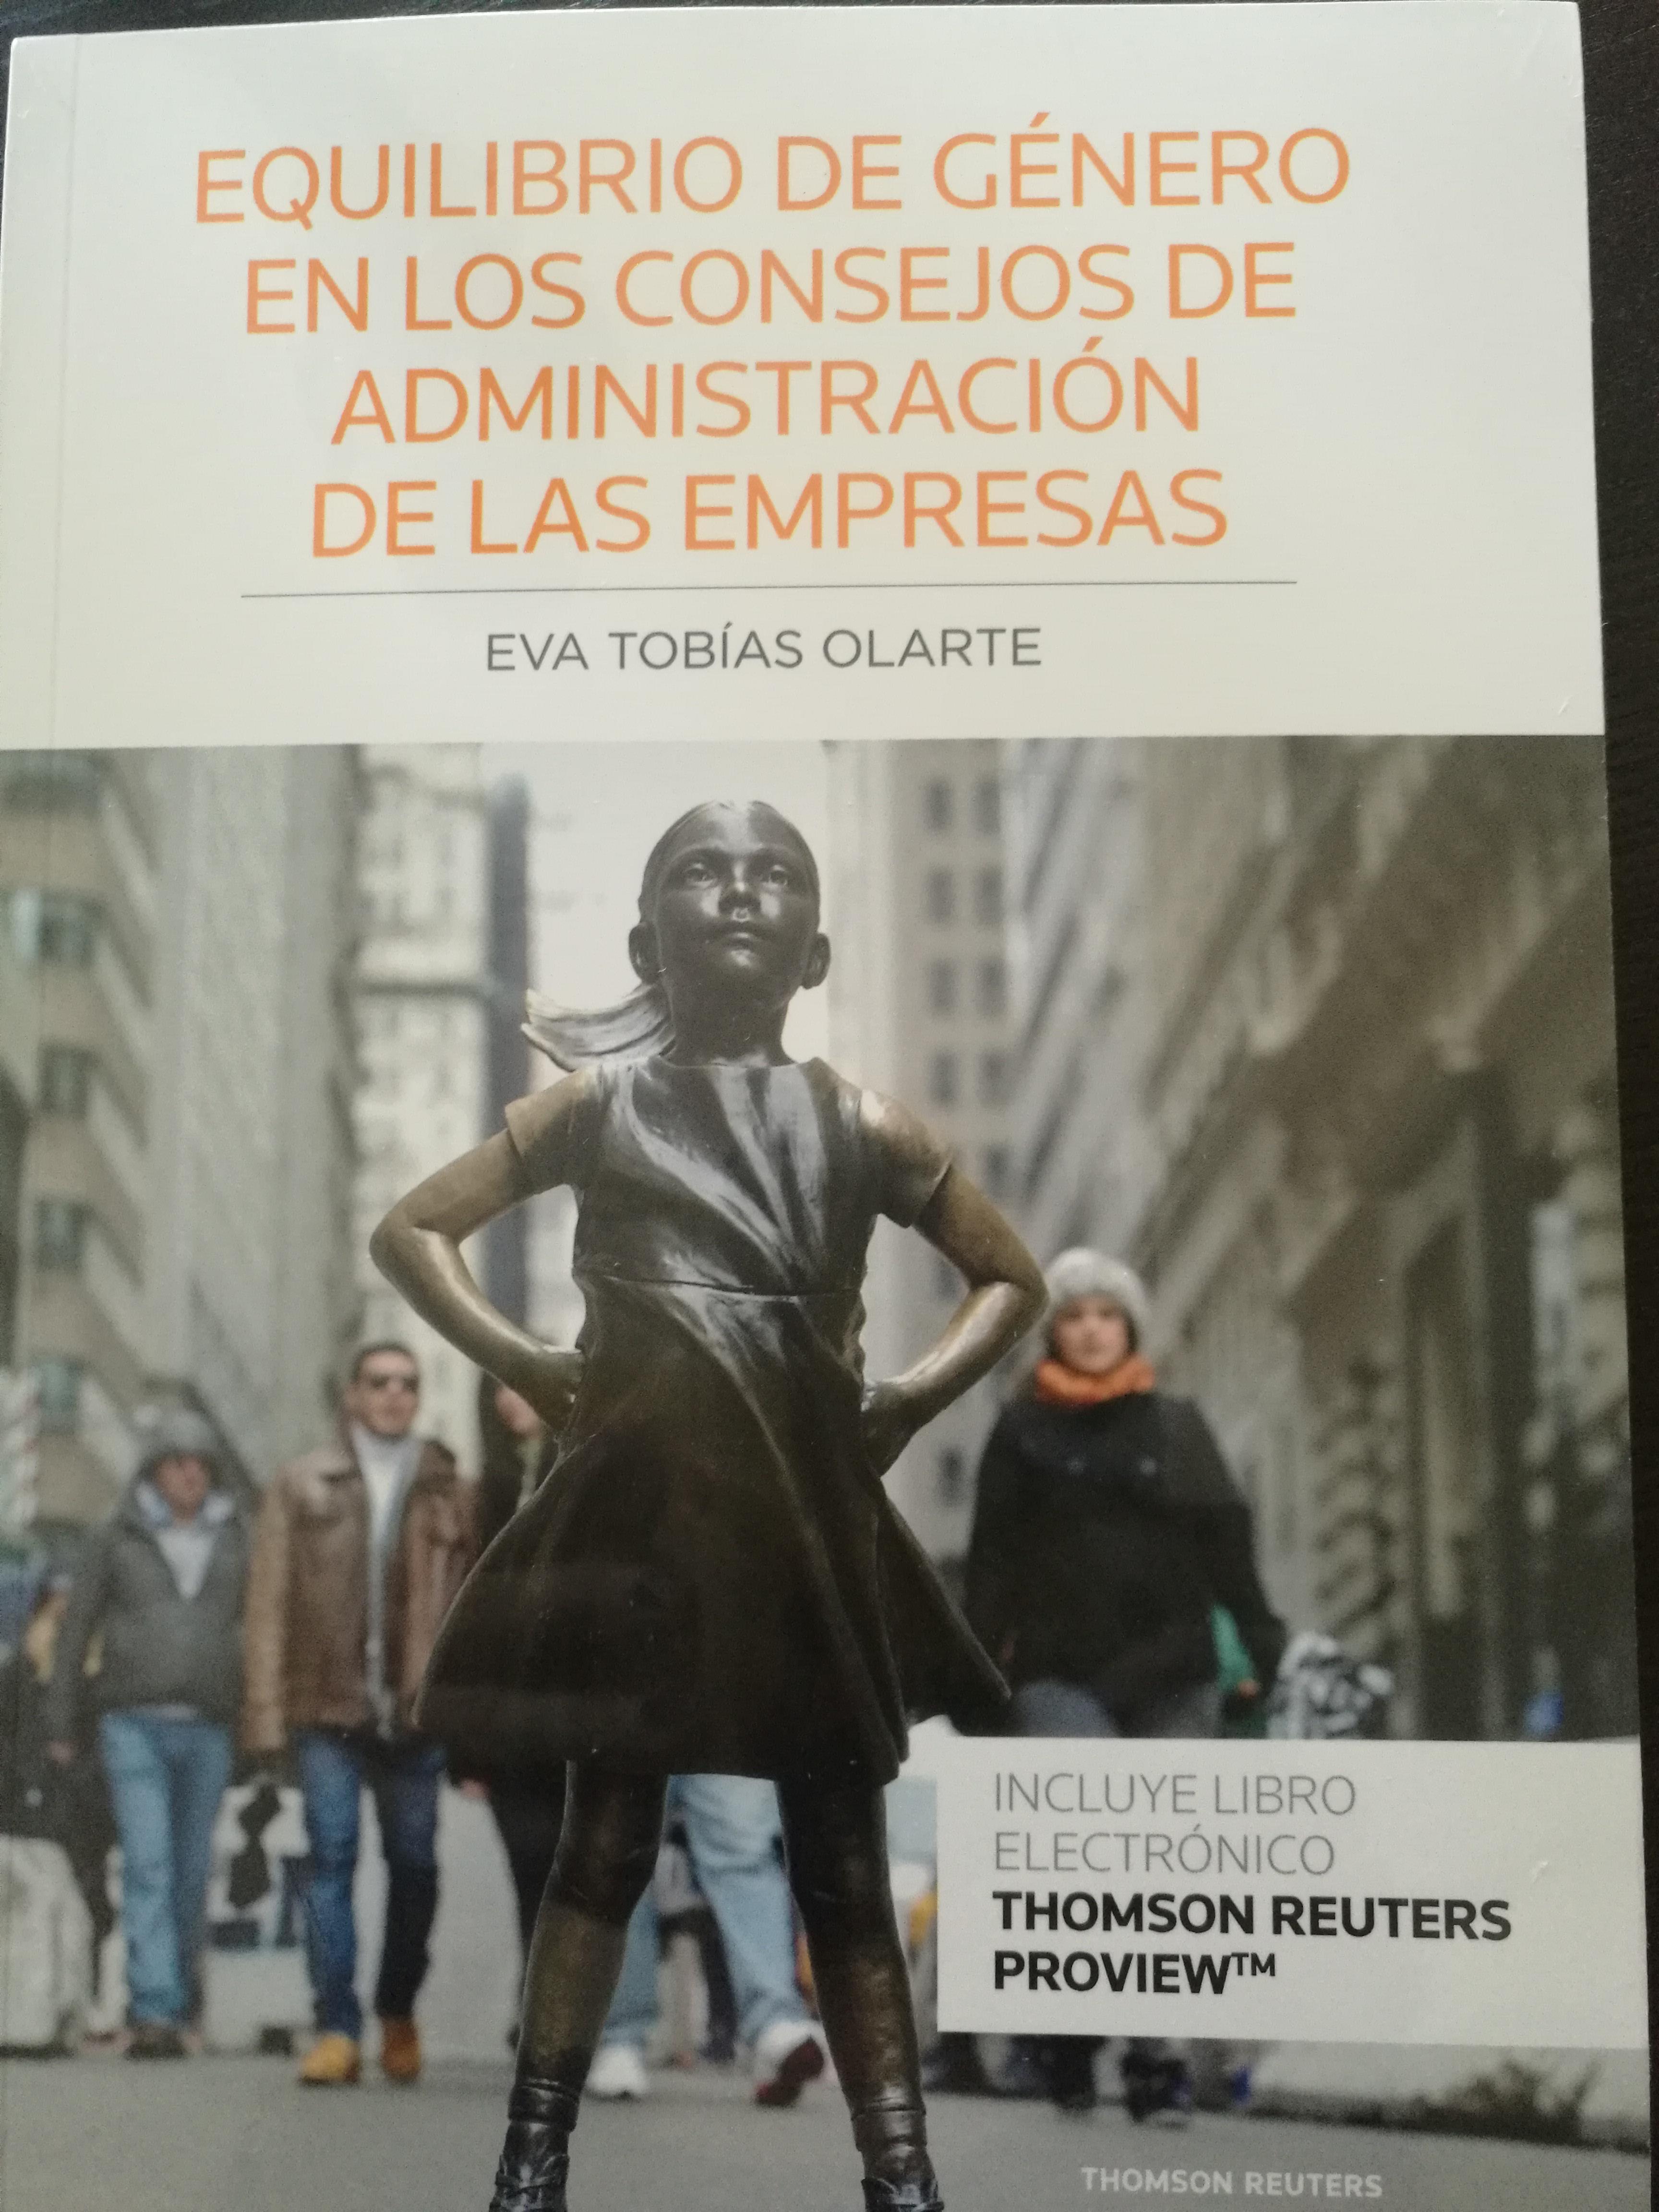 Equilibrio de género en los consejos de administración de las empresas (Editorial Aranzadi)